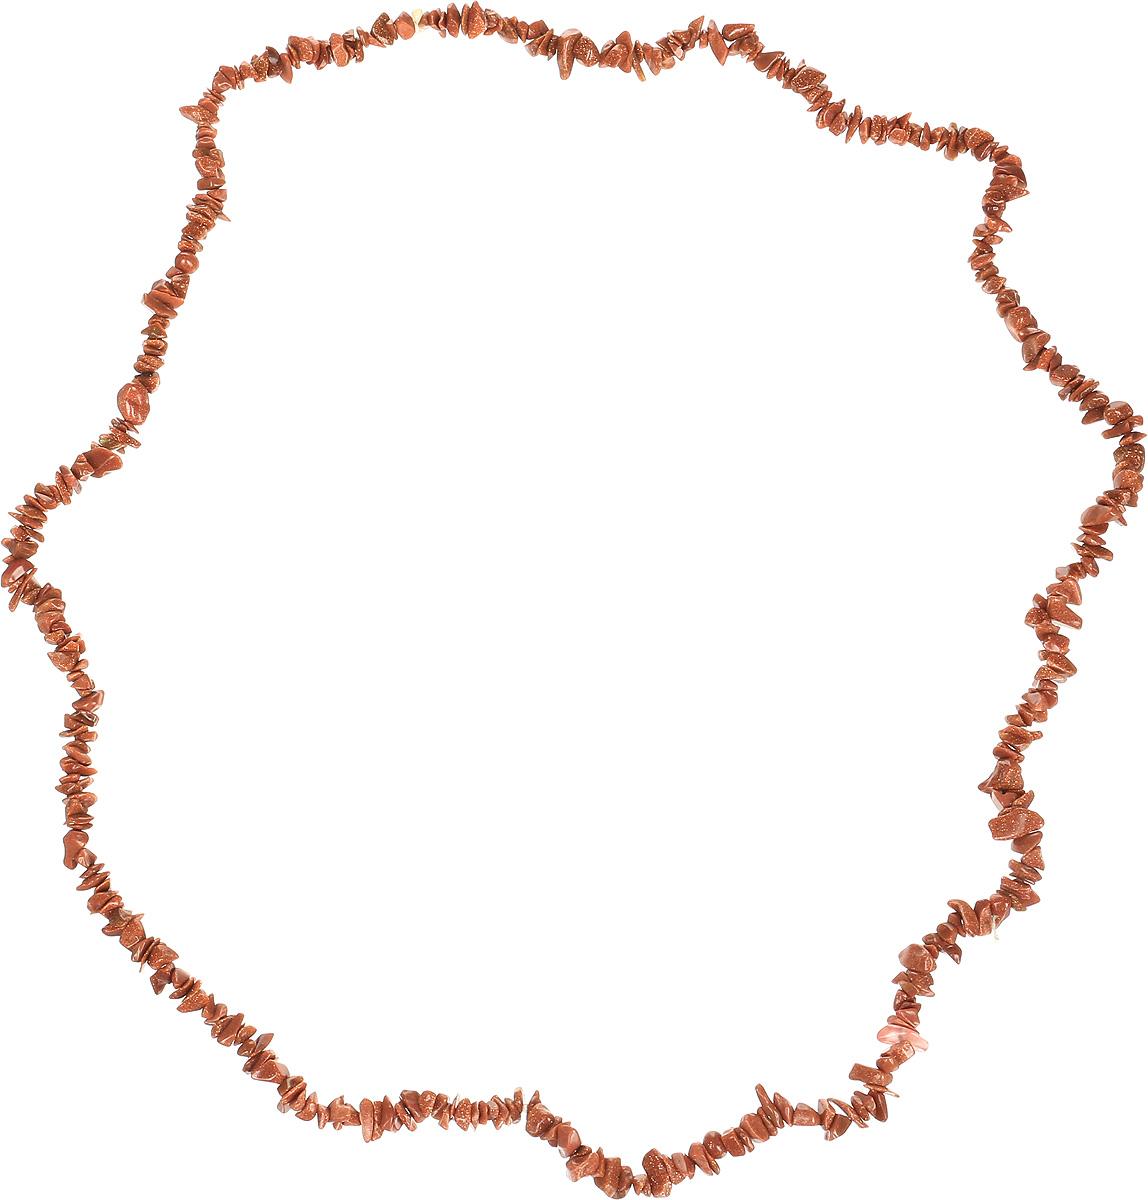 Бусы Револю Забава 2, цвет: коричневый. НАВ-75-90-1НАВ-75-90-1Авантюрин - камень, привлекающий деньги, достаток. Талисман для сохранения радостного настроения. Он дает владельцу глубину и эмоциональную чистоту. Предполагается, что в Европу натуральный авантюрин завезли торговцы индийскими драгоценными камнями, на собственном опыте убедившиеся в способности этого камня притягивать удачу. Обостряет все эмоции, делая их более тонкими, повышает оптимизм и уверенность в себе, дарует бодрость духа, ясность ума.